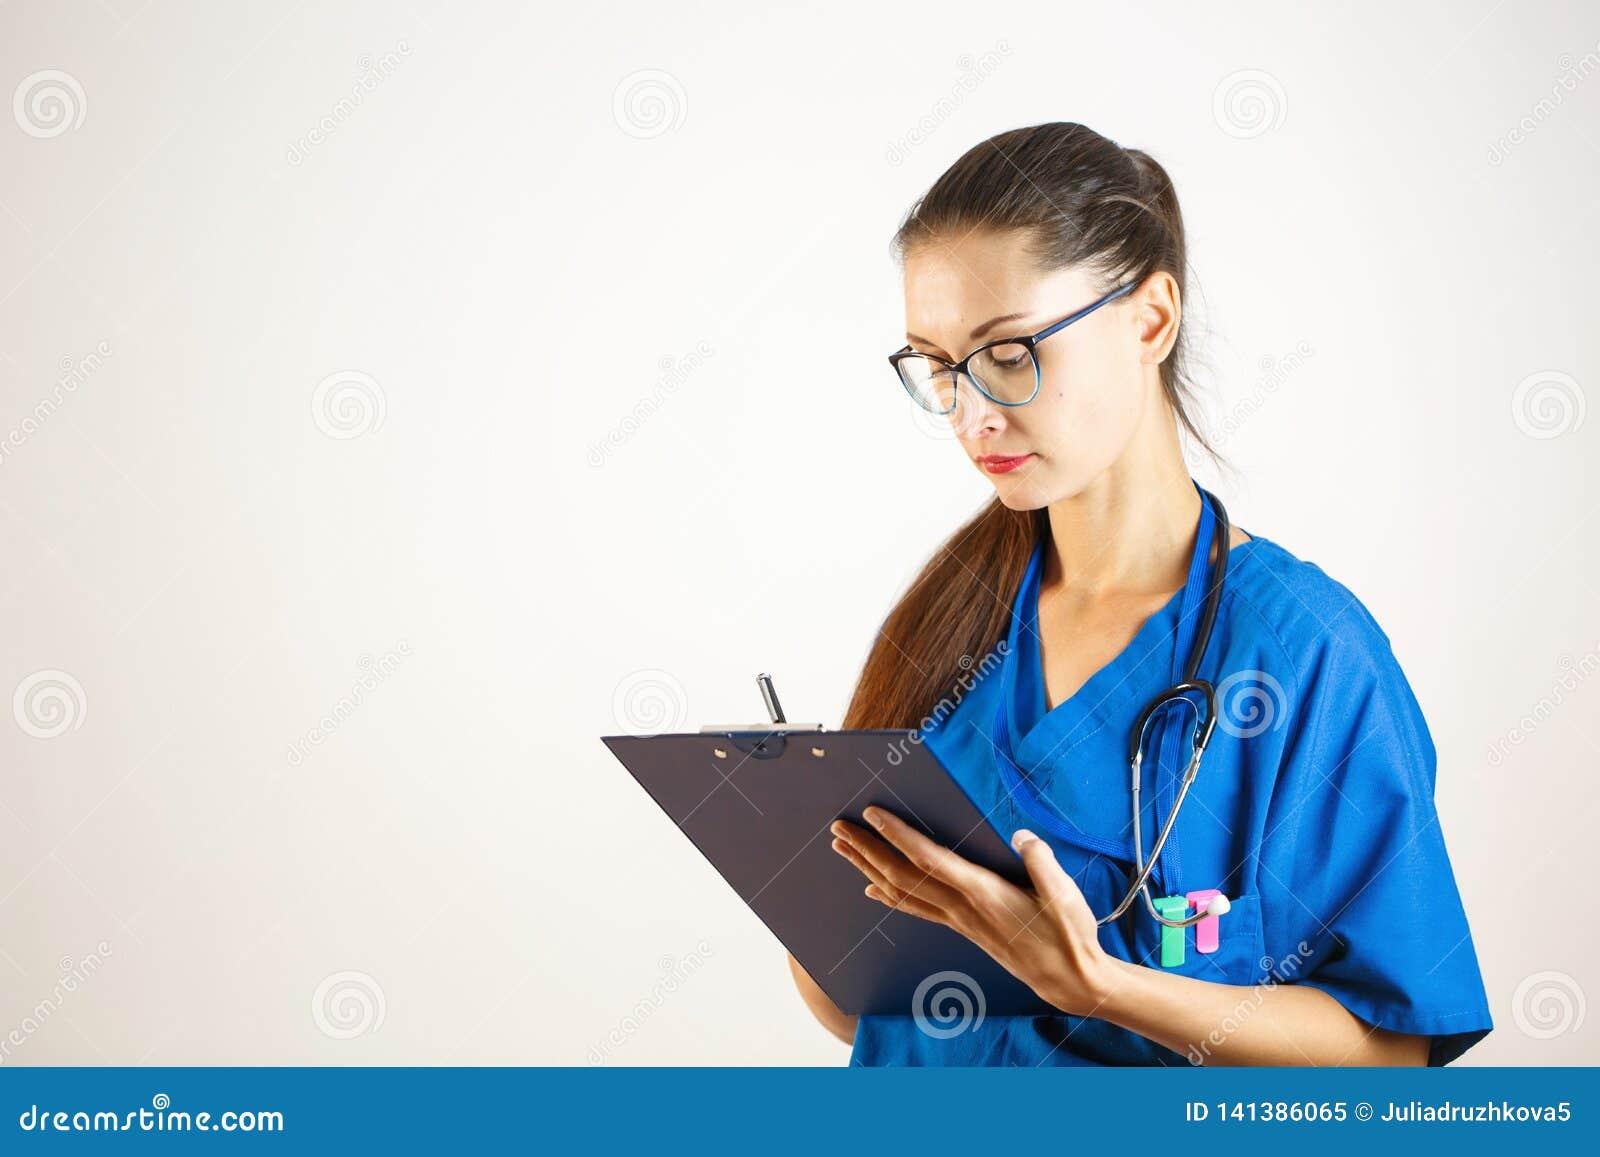 Un doctor de sexo femenino en un traje azul está registrando datos en un diario, un estetoscopio está en su cuello Fondo blanco